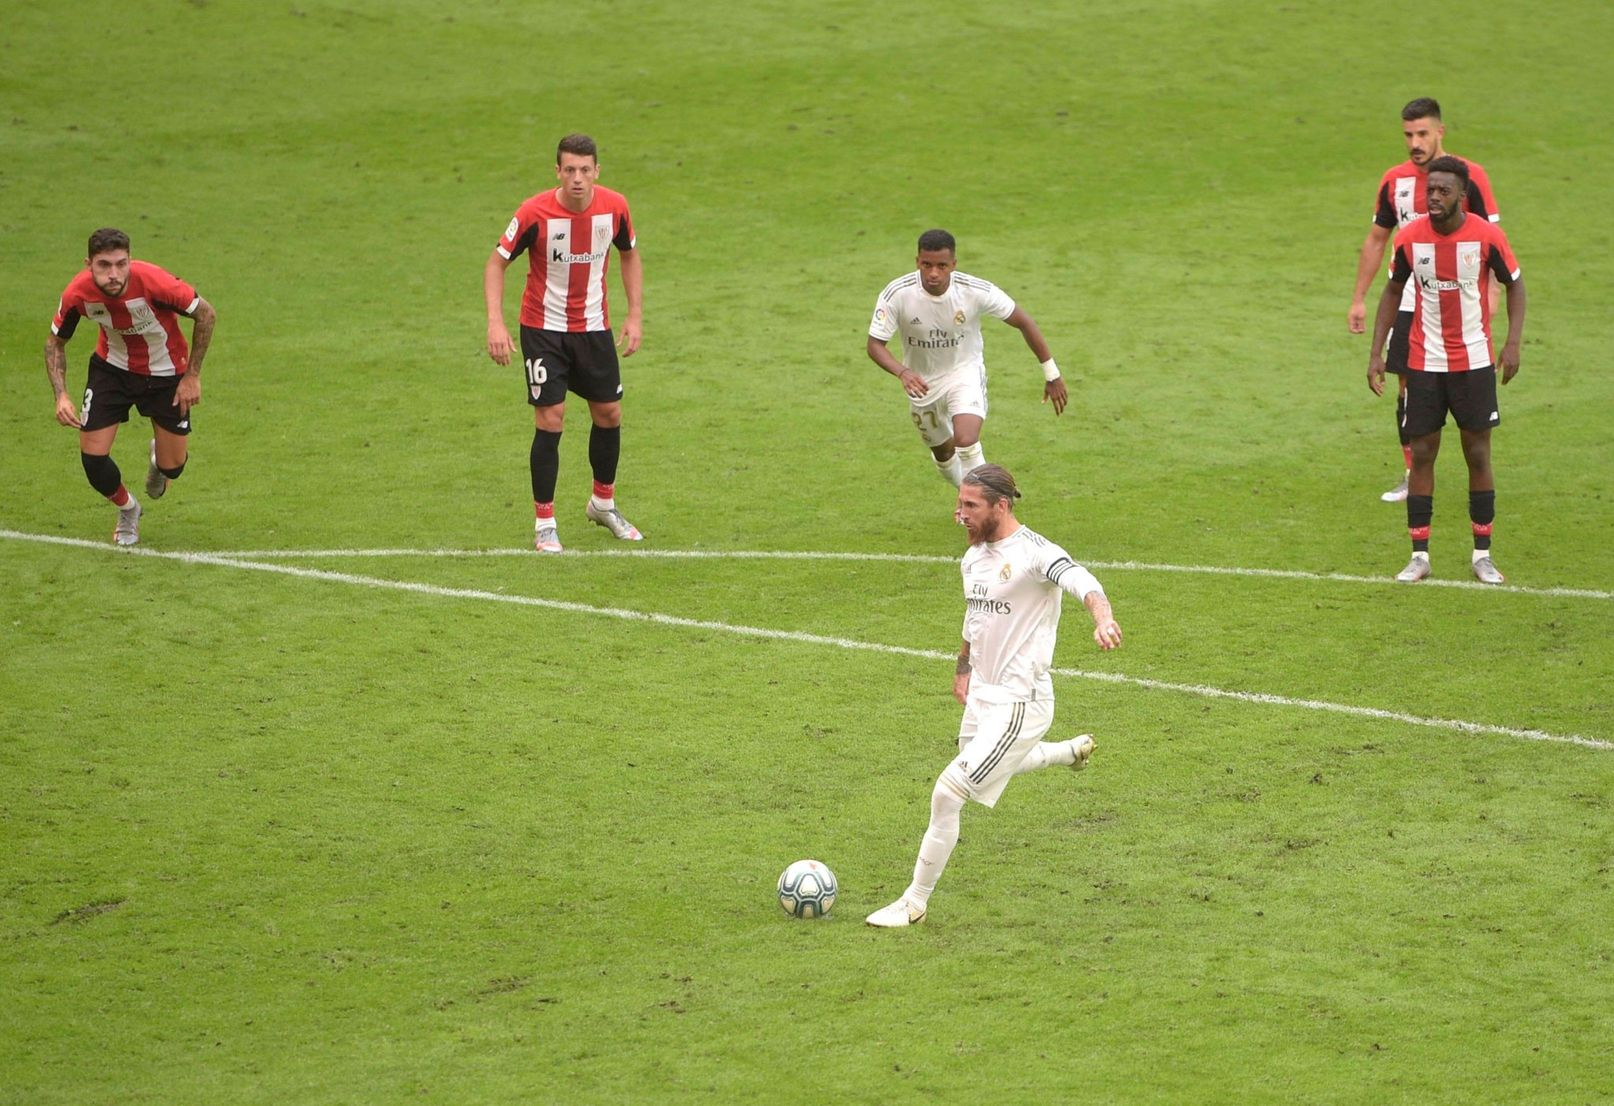 Серхіо Рамос після перемоги над Атлетіком: Реал лідирує в Ла Лізі не завдяки арбітрам - изображение 1